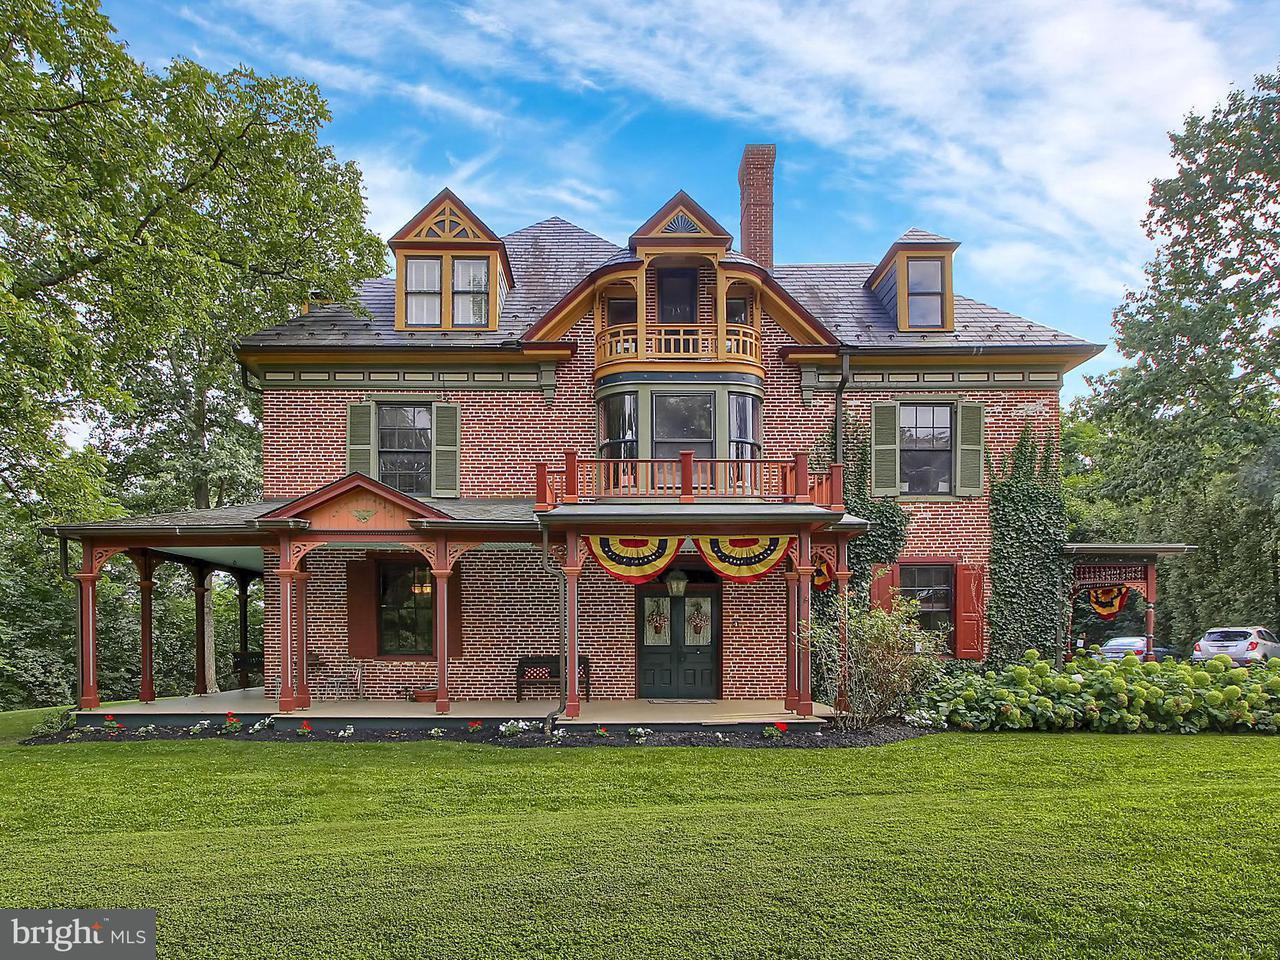 农场 为 销售 在 4 CONFEDERATE AVE W 4 CONFEDERATE AVE W Gettysburg, 宾夕法尼亚州 17325 美国